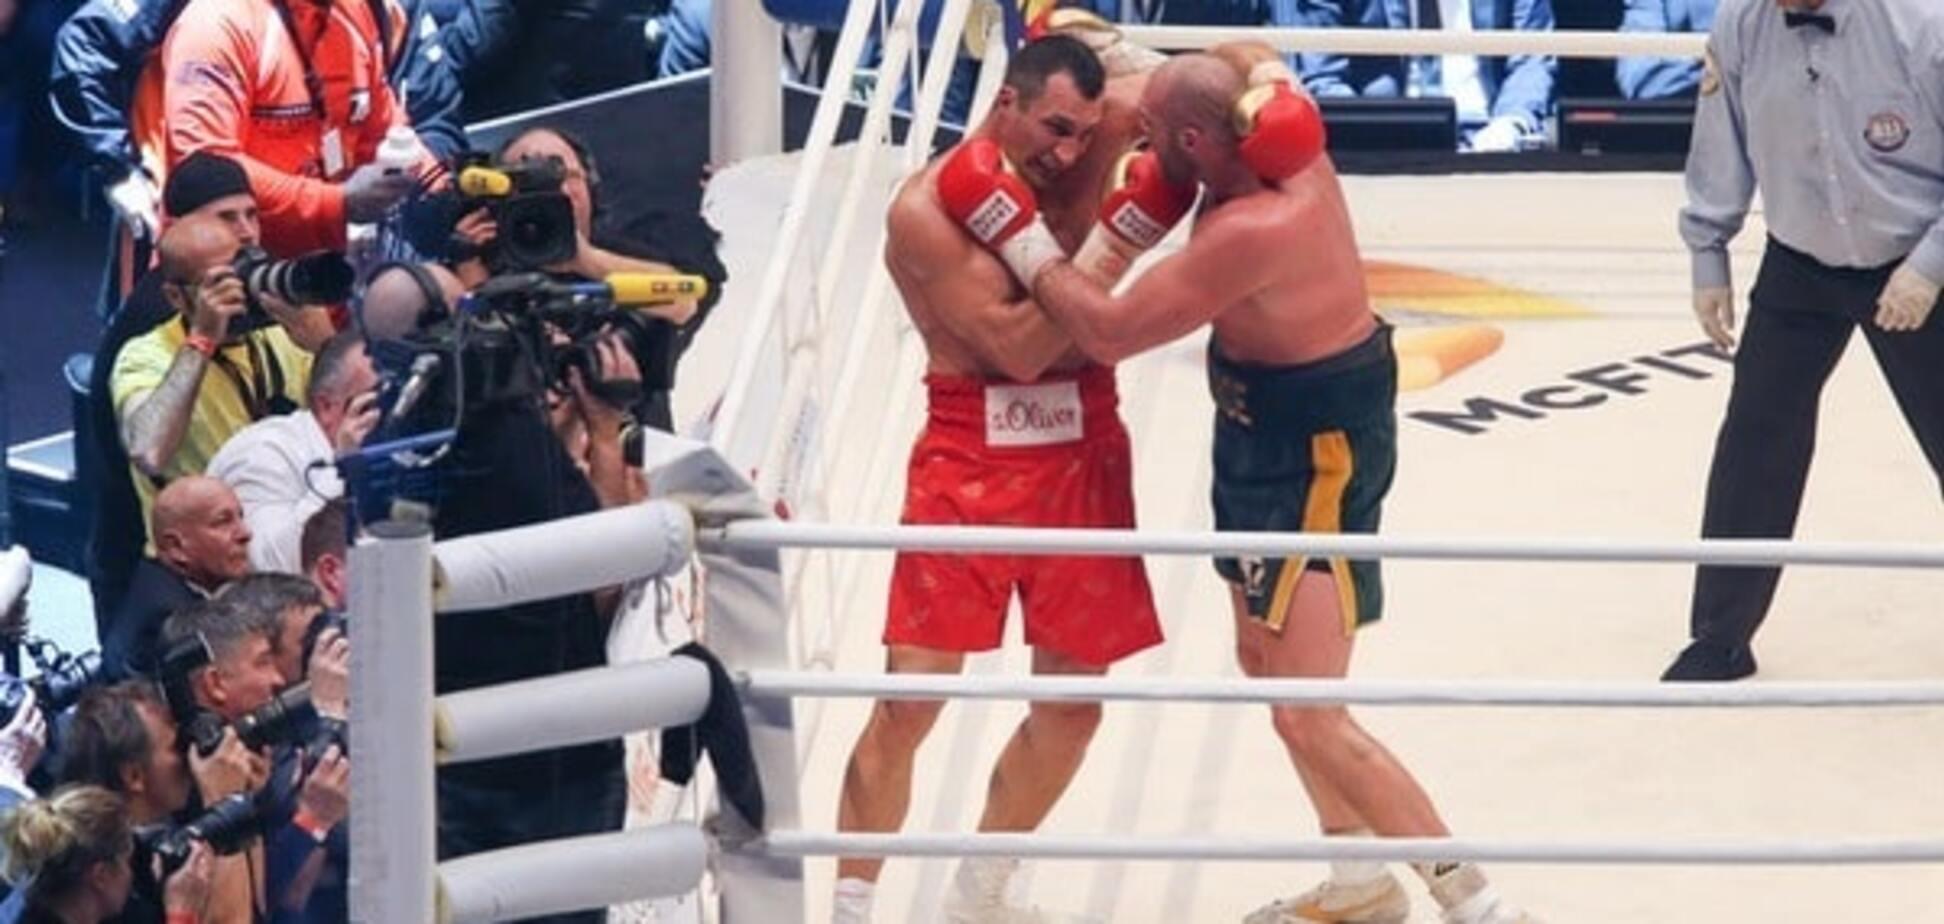 Официально: реванш Кличко – Фьюри пройдет 9 июля